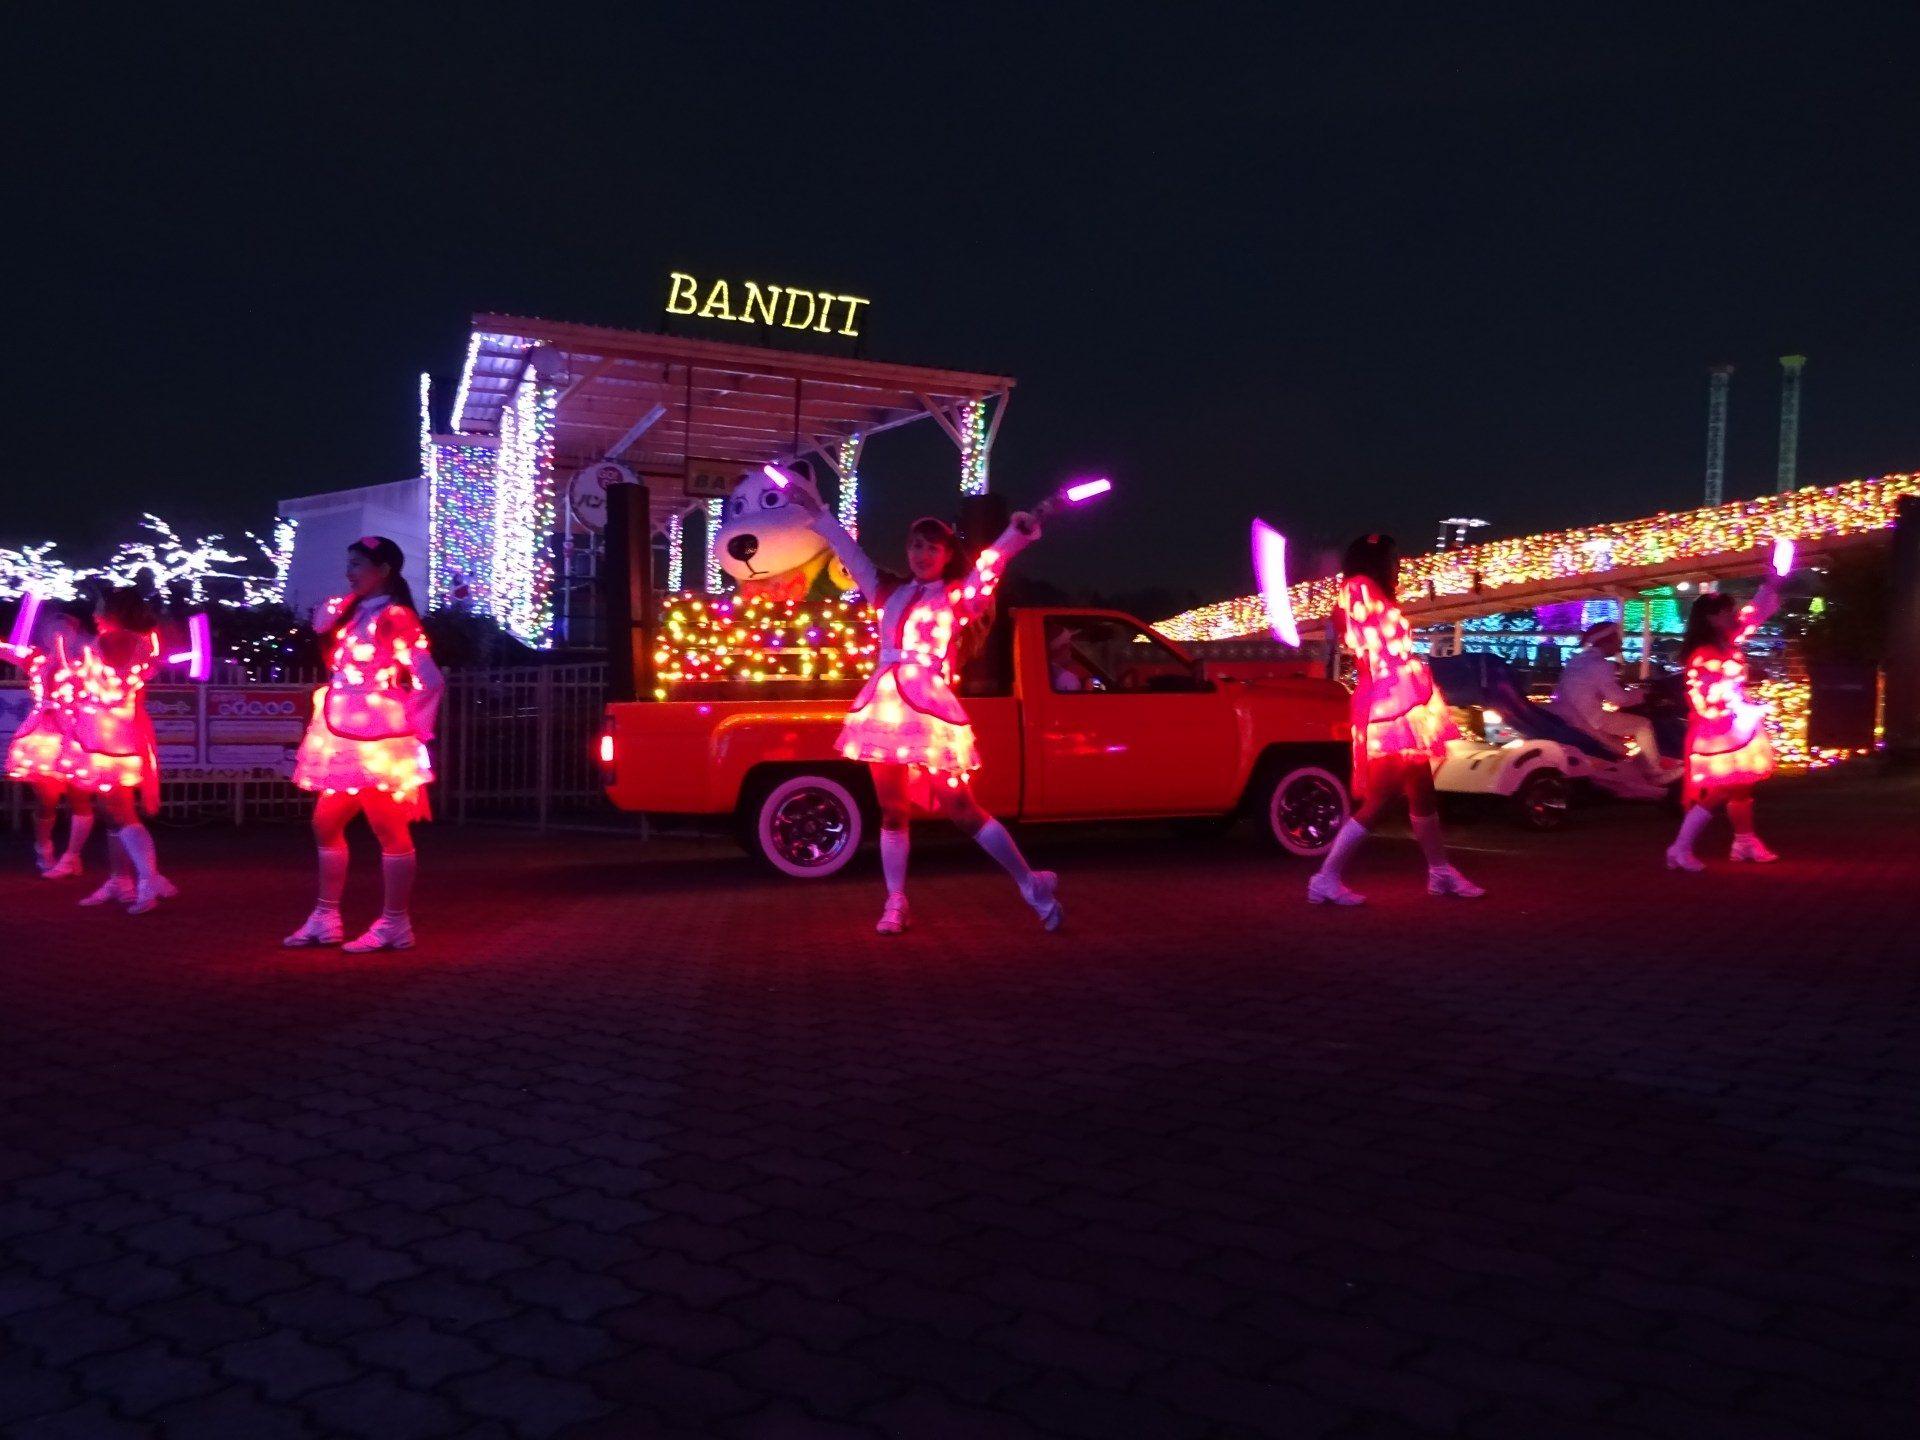 Light on dance